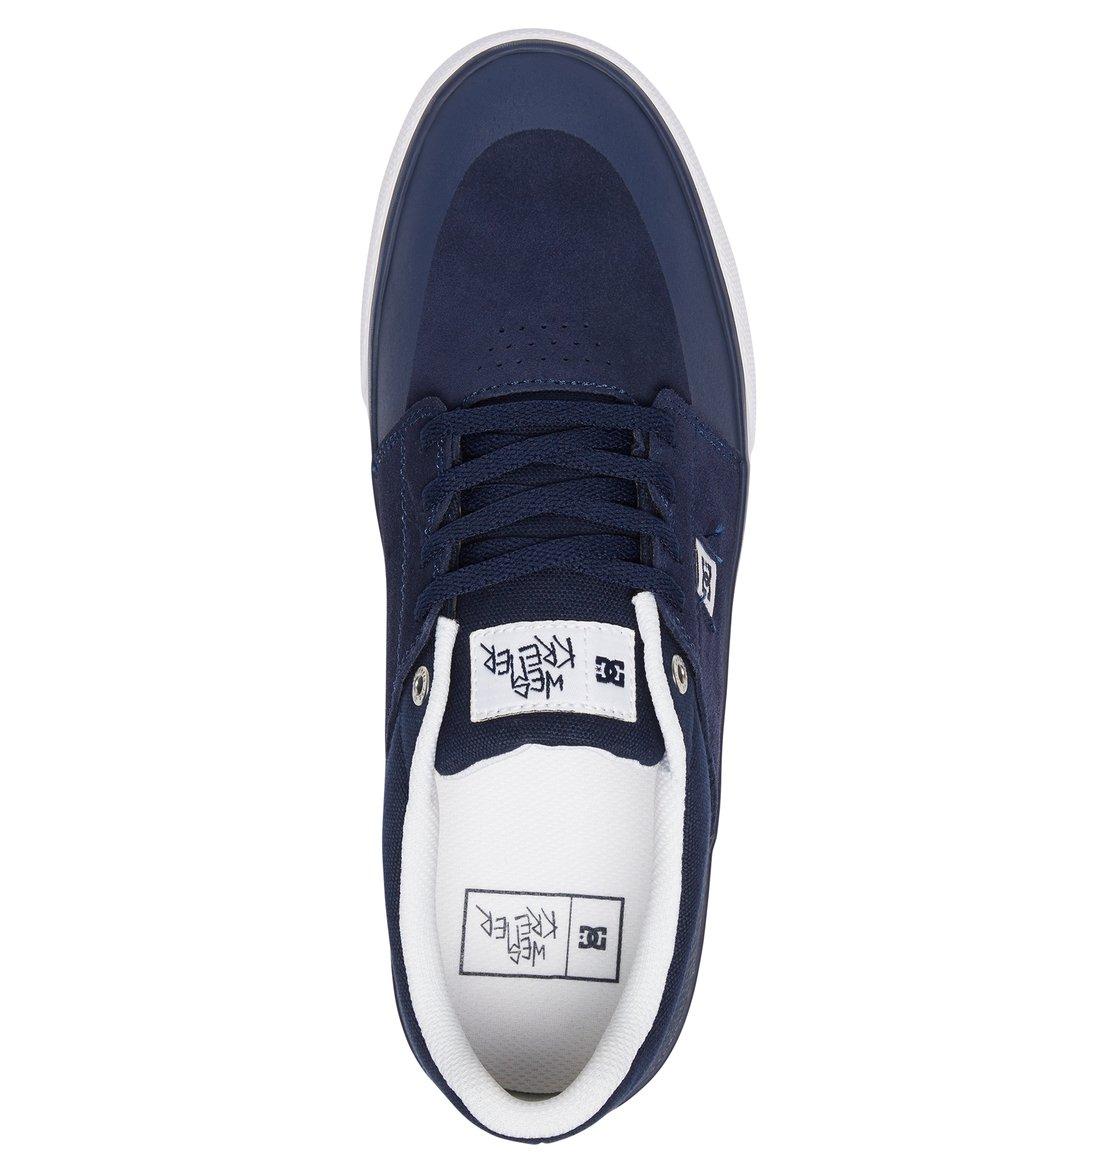 DC-Shoes-Wes-Kremer-Baskets-pour-Homme-ADYS300315 miniature 5